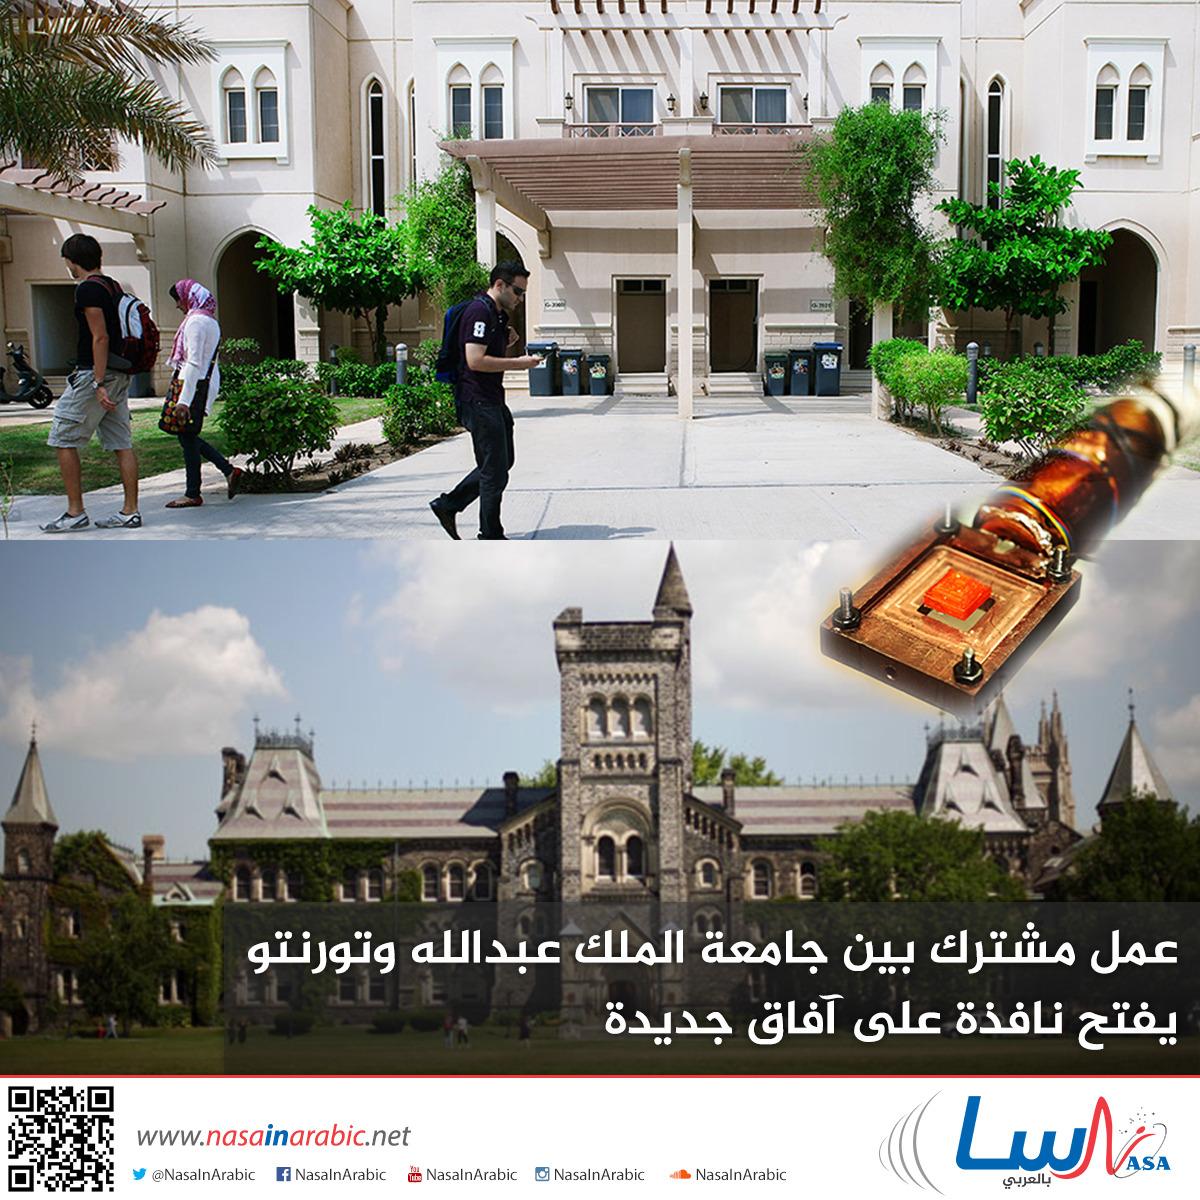 عمل مشترك بين جامعة الملك عبدالله وتورنتو يفتح نافذة على آفاق جديدة